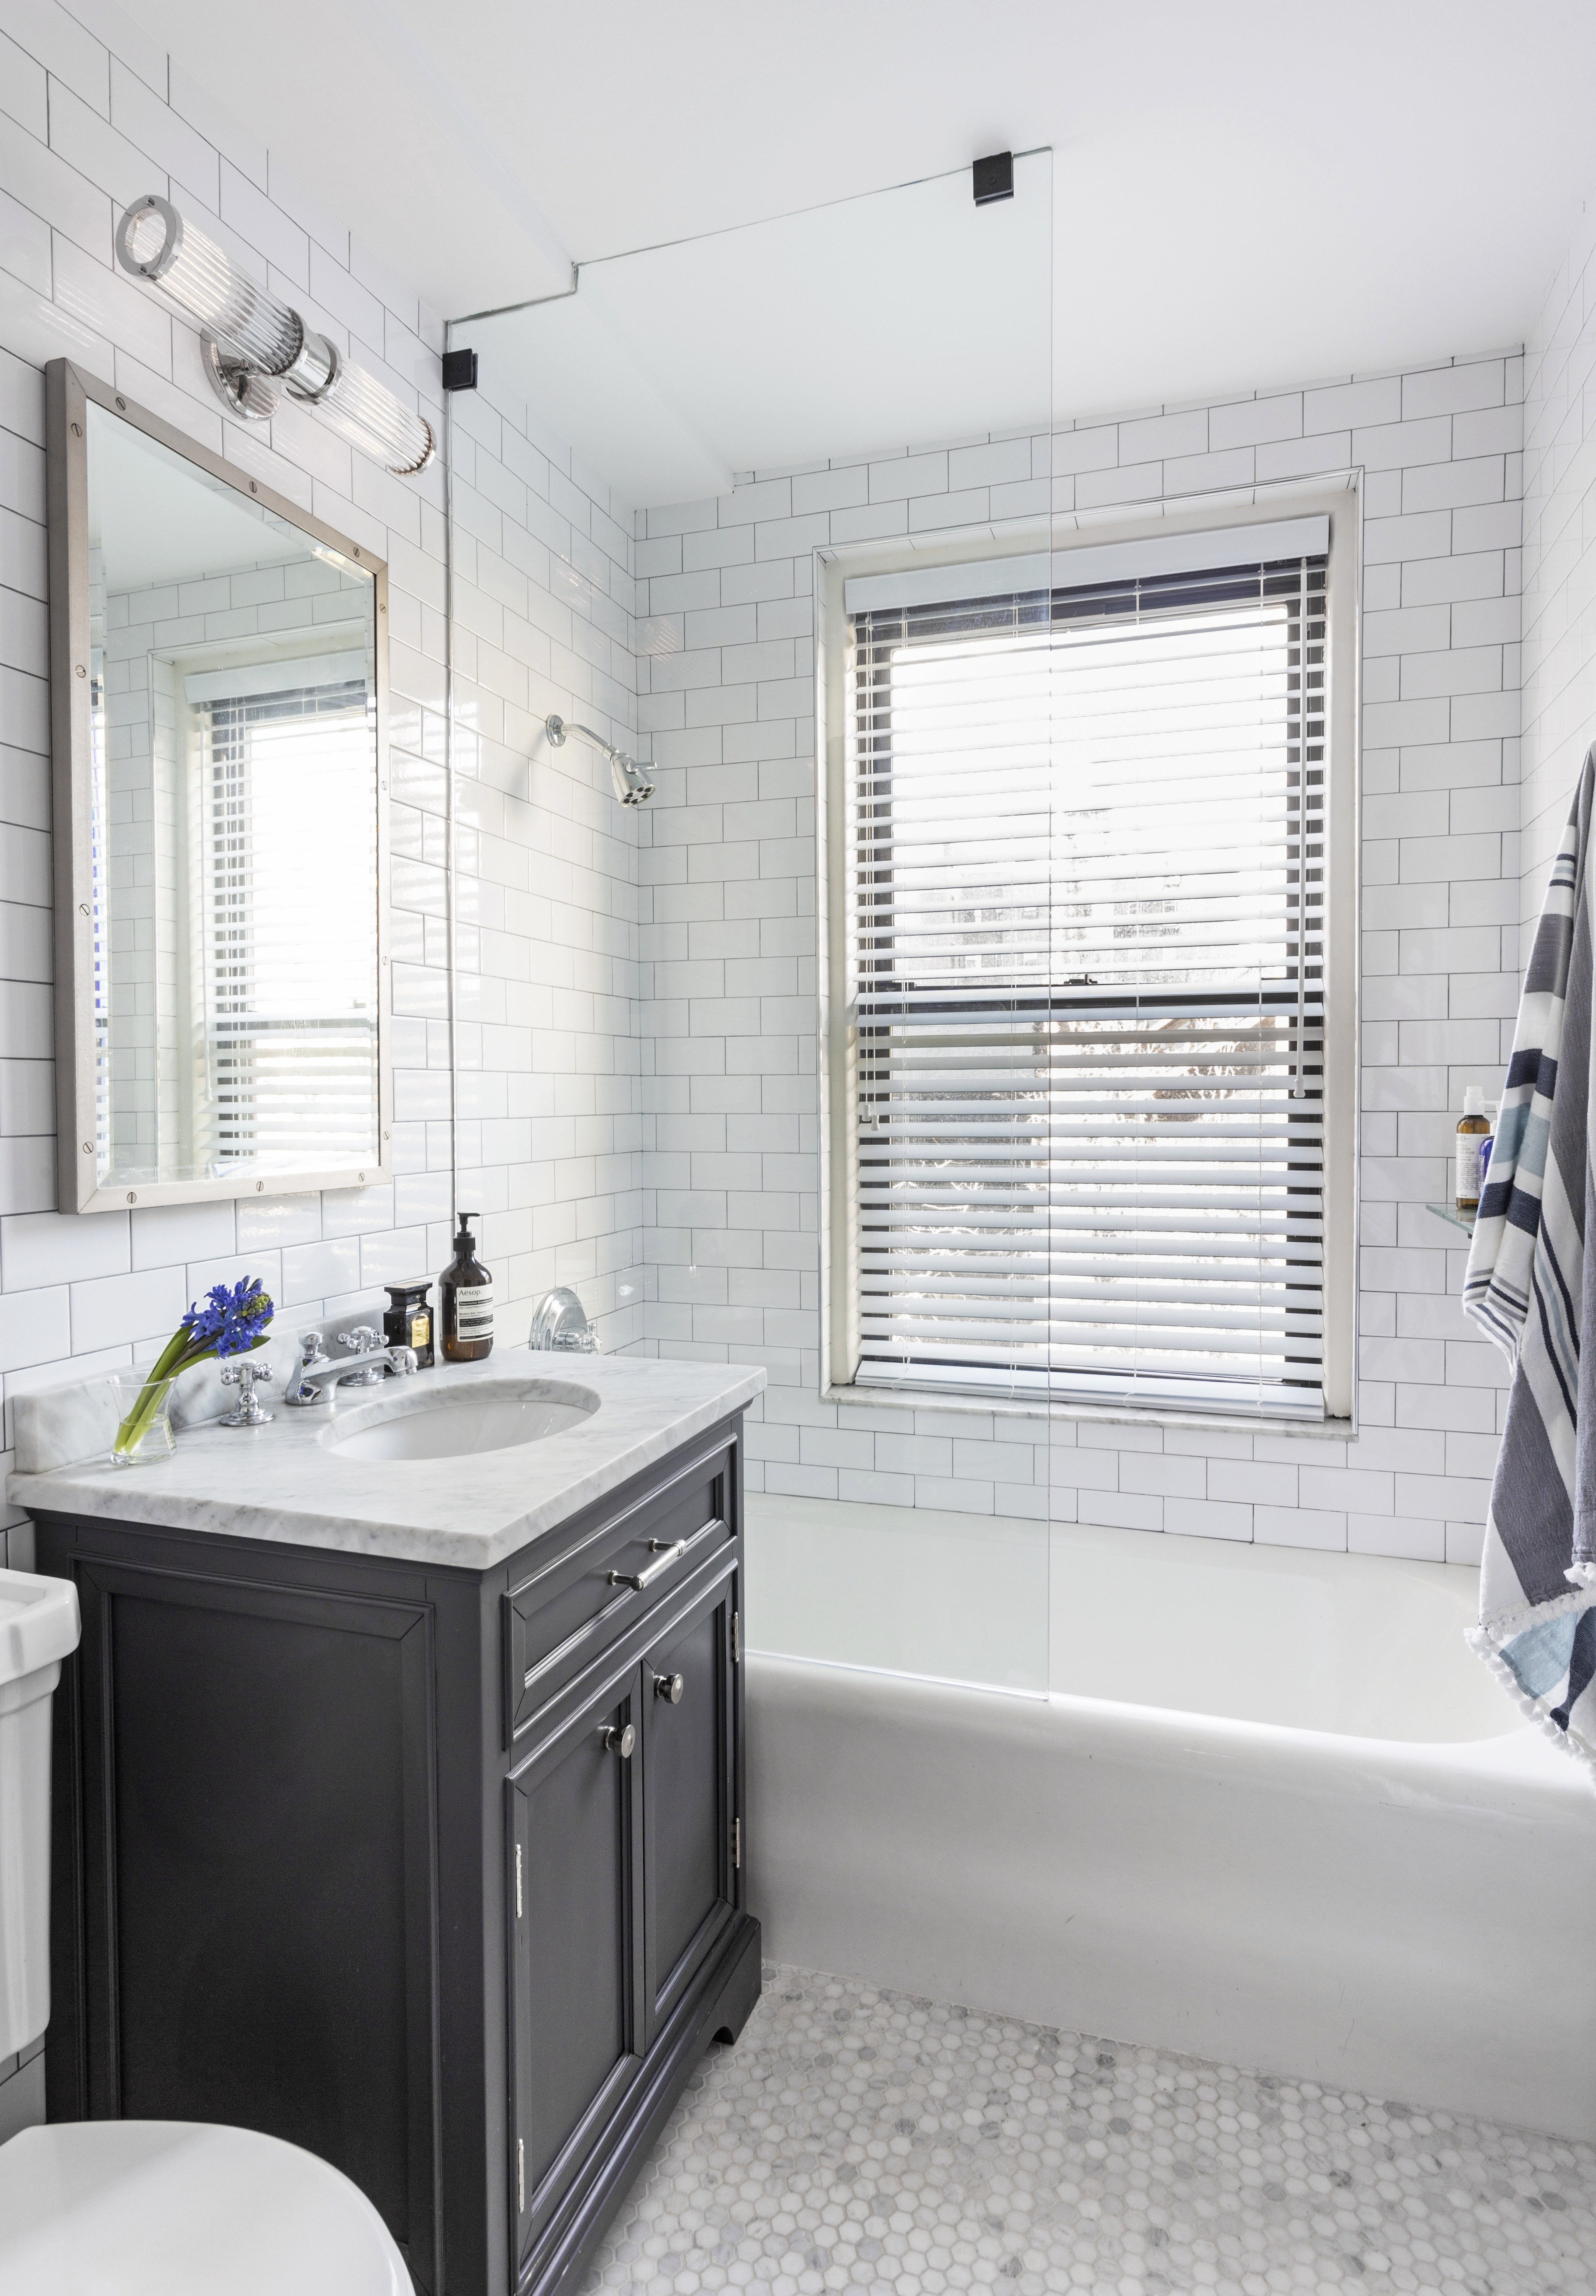 Идея для маленькой ванной комнаты - стеклянная шторка на ванну